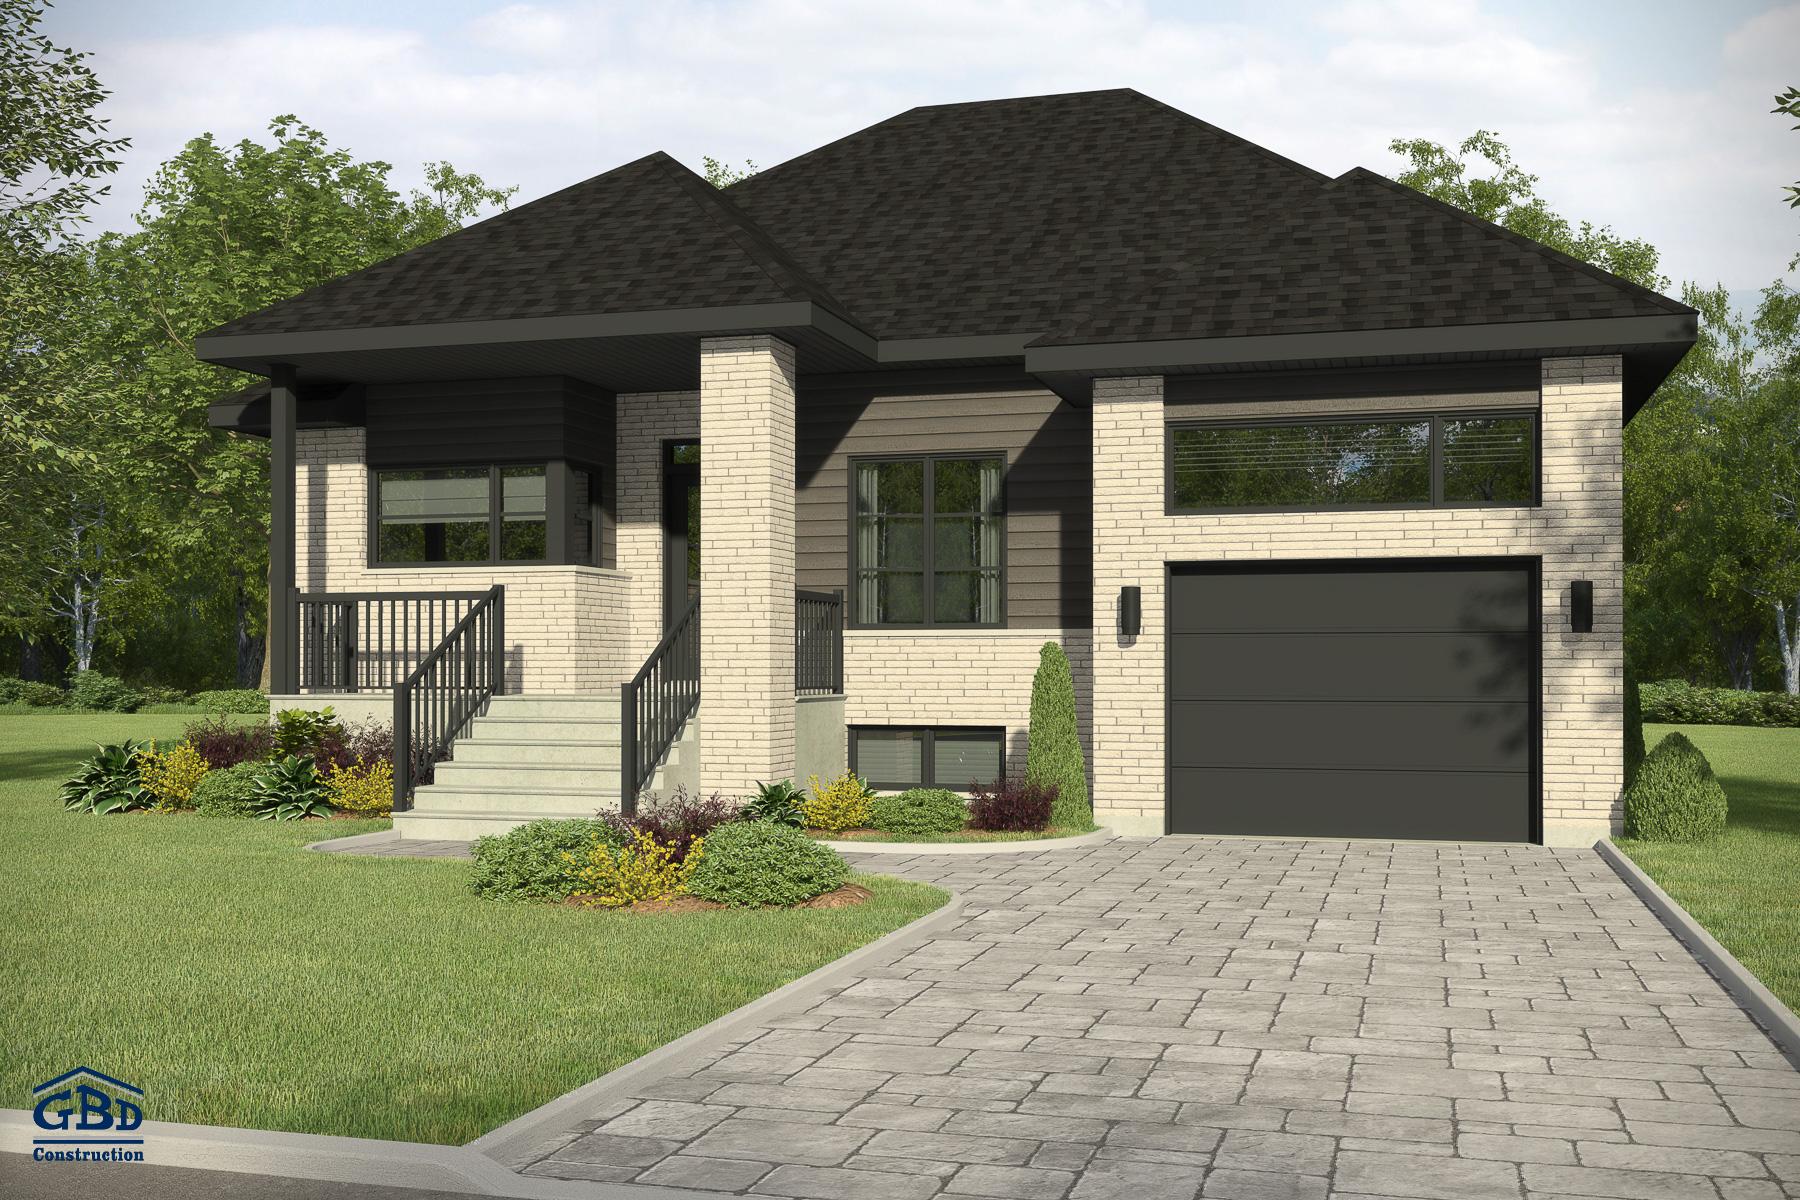 Mentor maison neuve un tage de type plain pied gbd construction - Style maison moderne ...